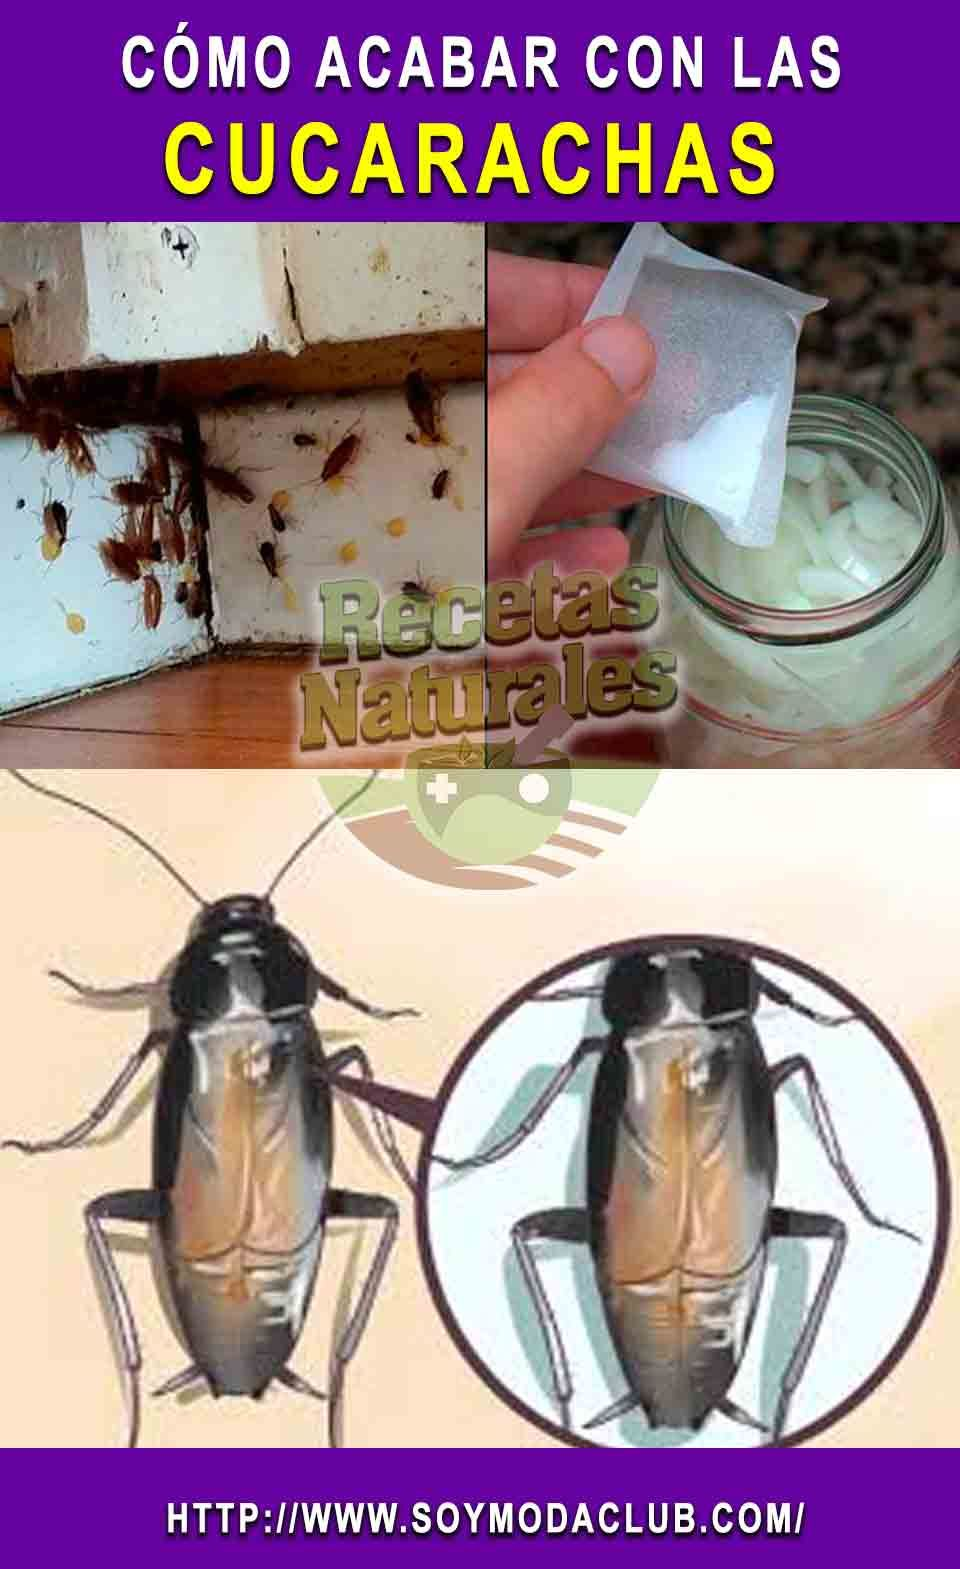 Como Acabar Con Las Moscas De Casa Pin En Cucarachas